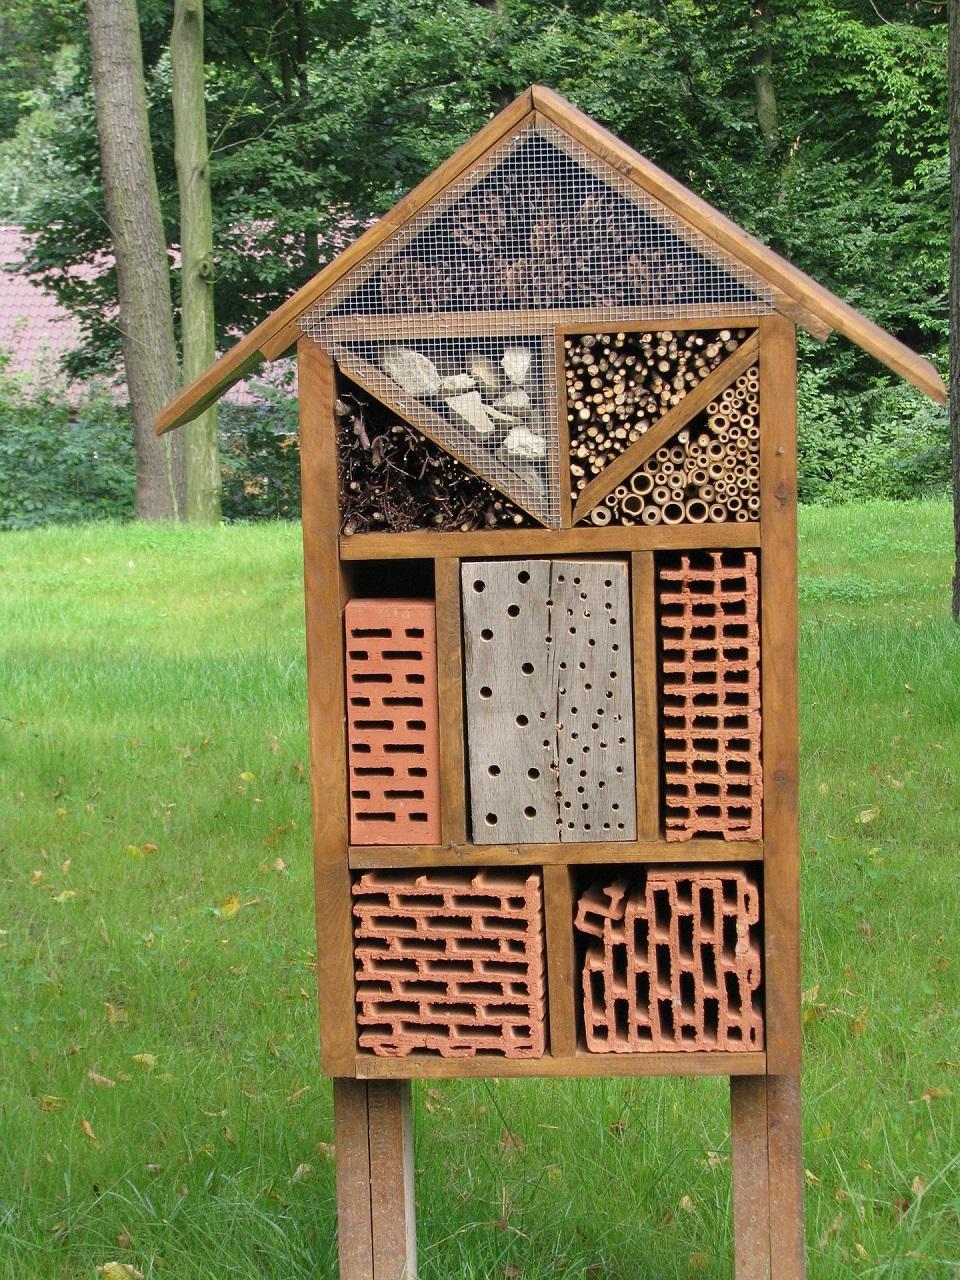 Construire une maison pour insectes ventana blog - Construire une maison pour insectes ...